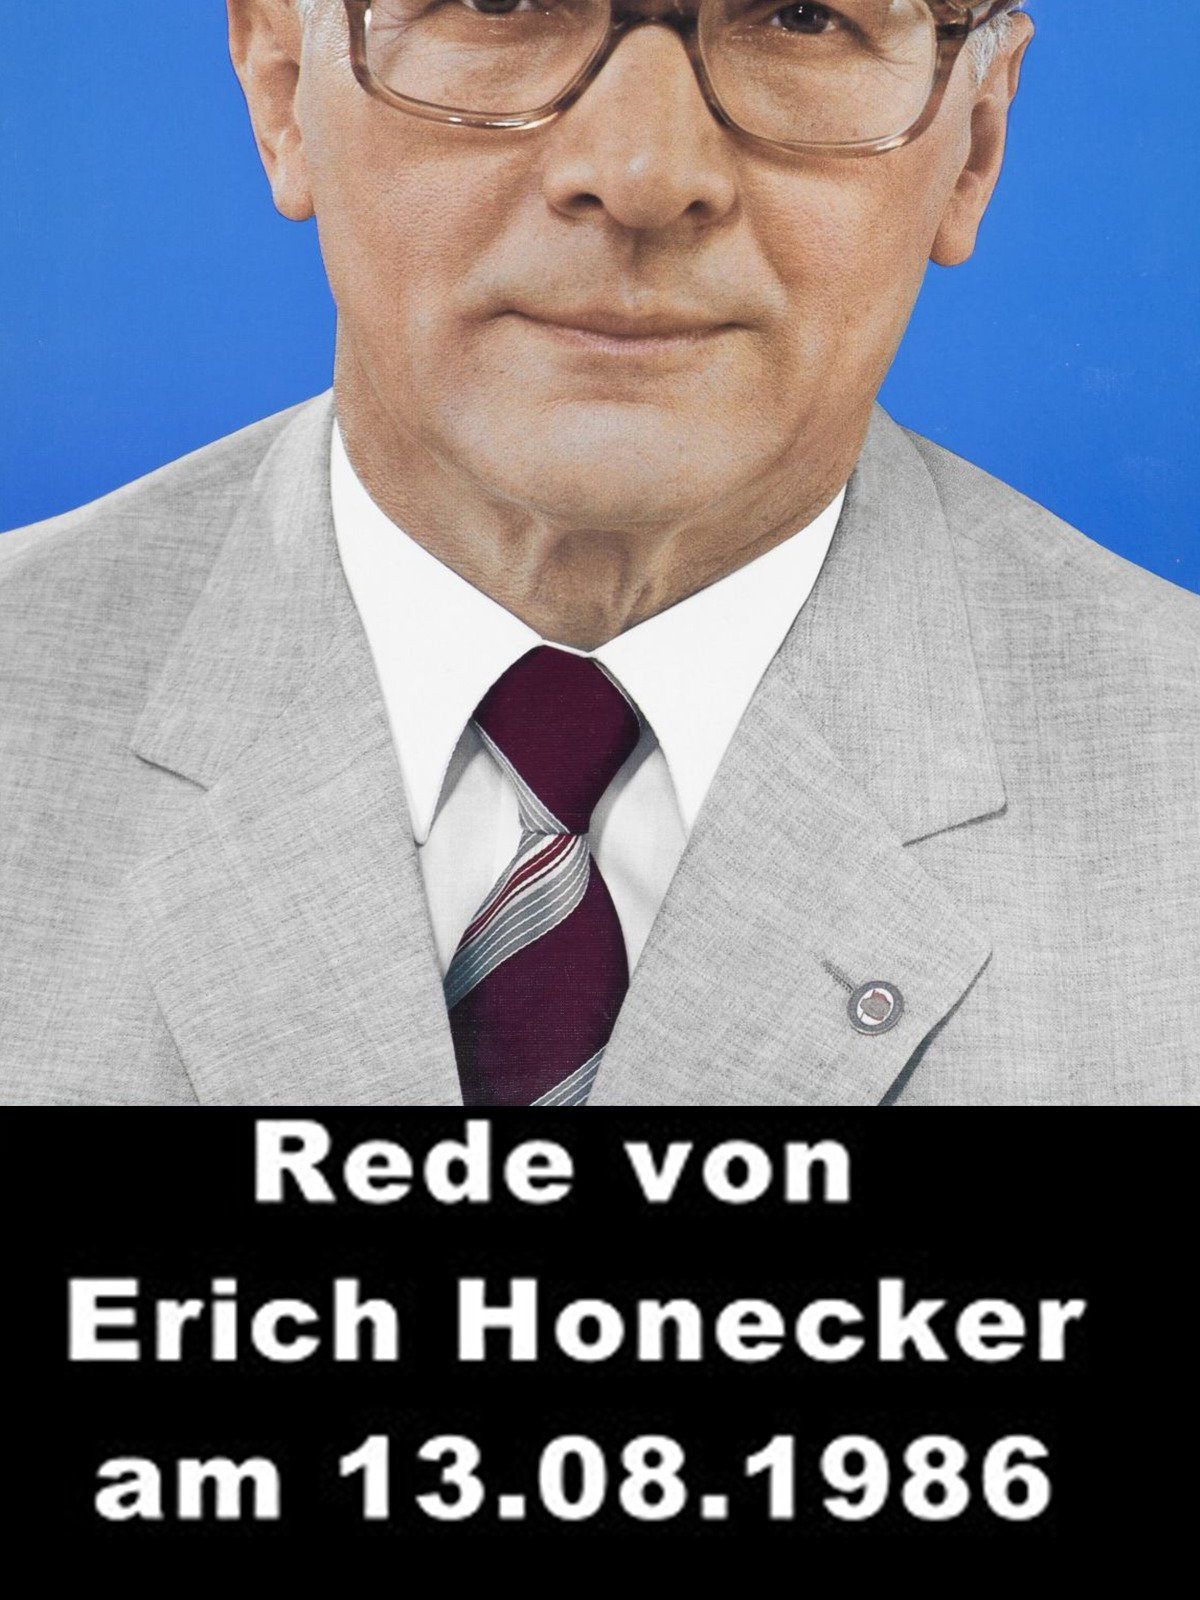 Rede von Erich Honecker am 13.08.1986